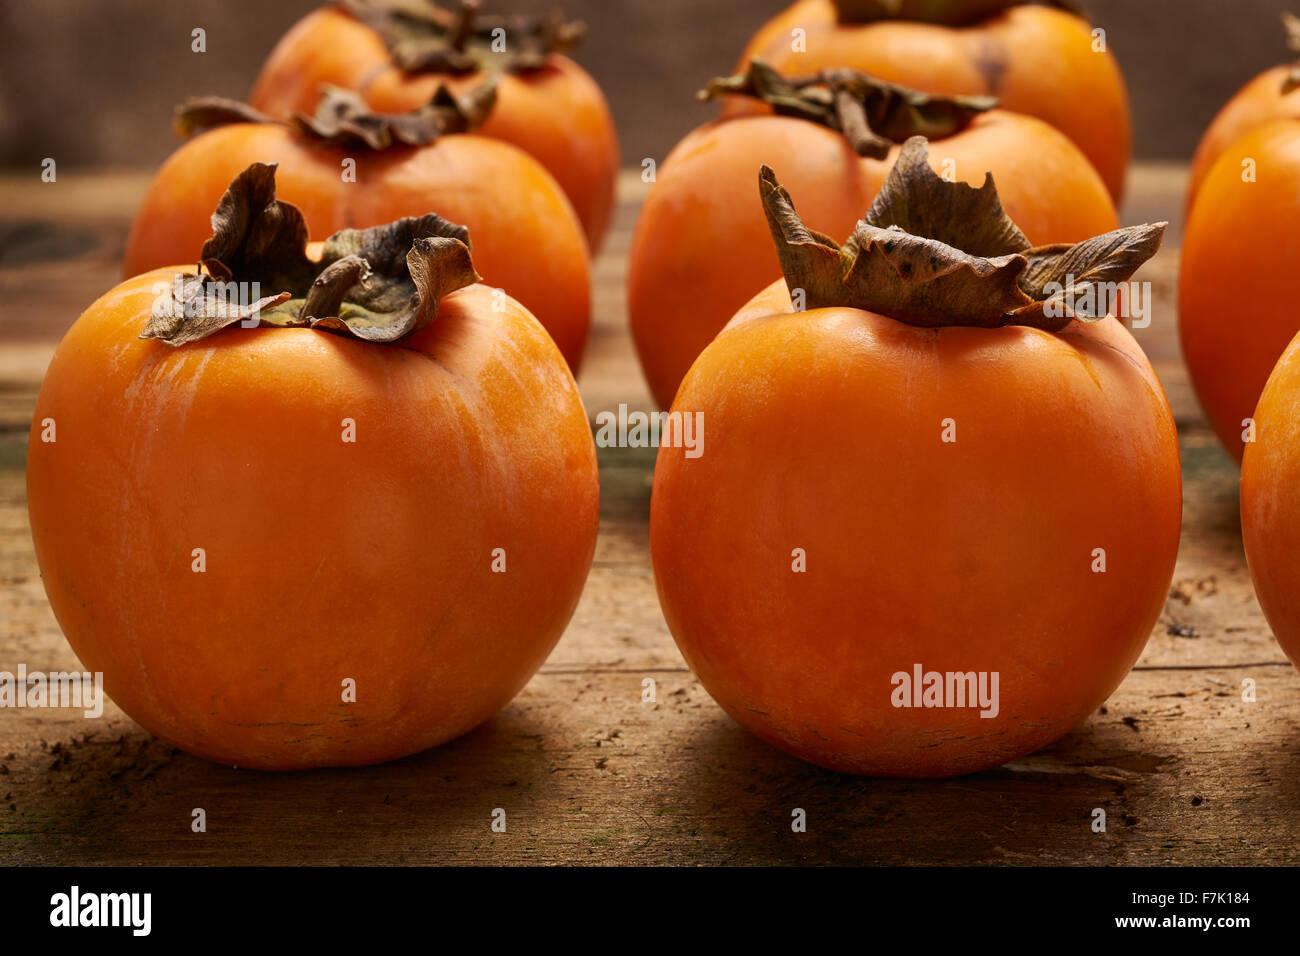 Le kaki orange délicieux composé d'une vieille table en bois Photo Stock